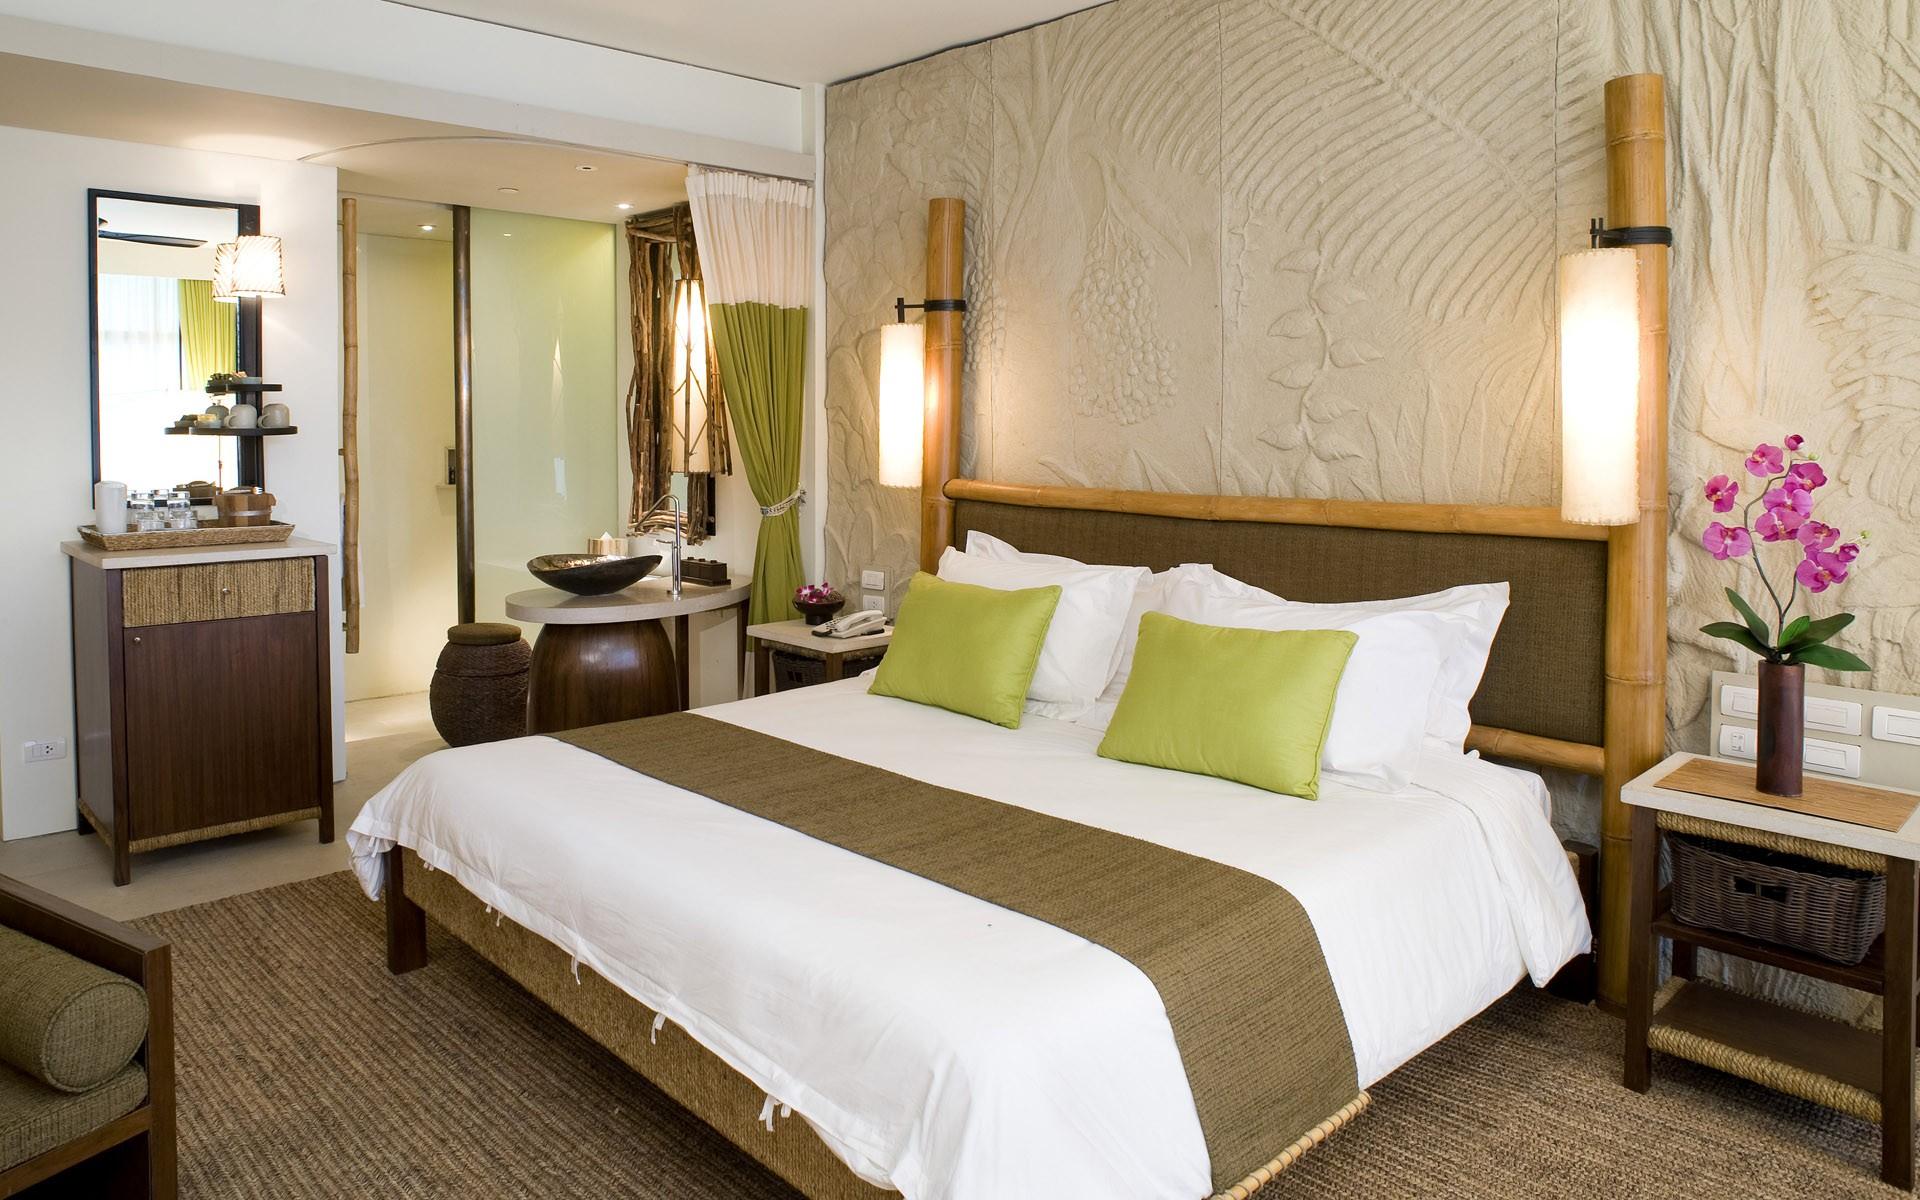 D coration chambre coucher adulte photos chambre for Decoration chambre 0 coucher